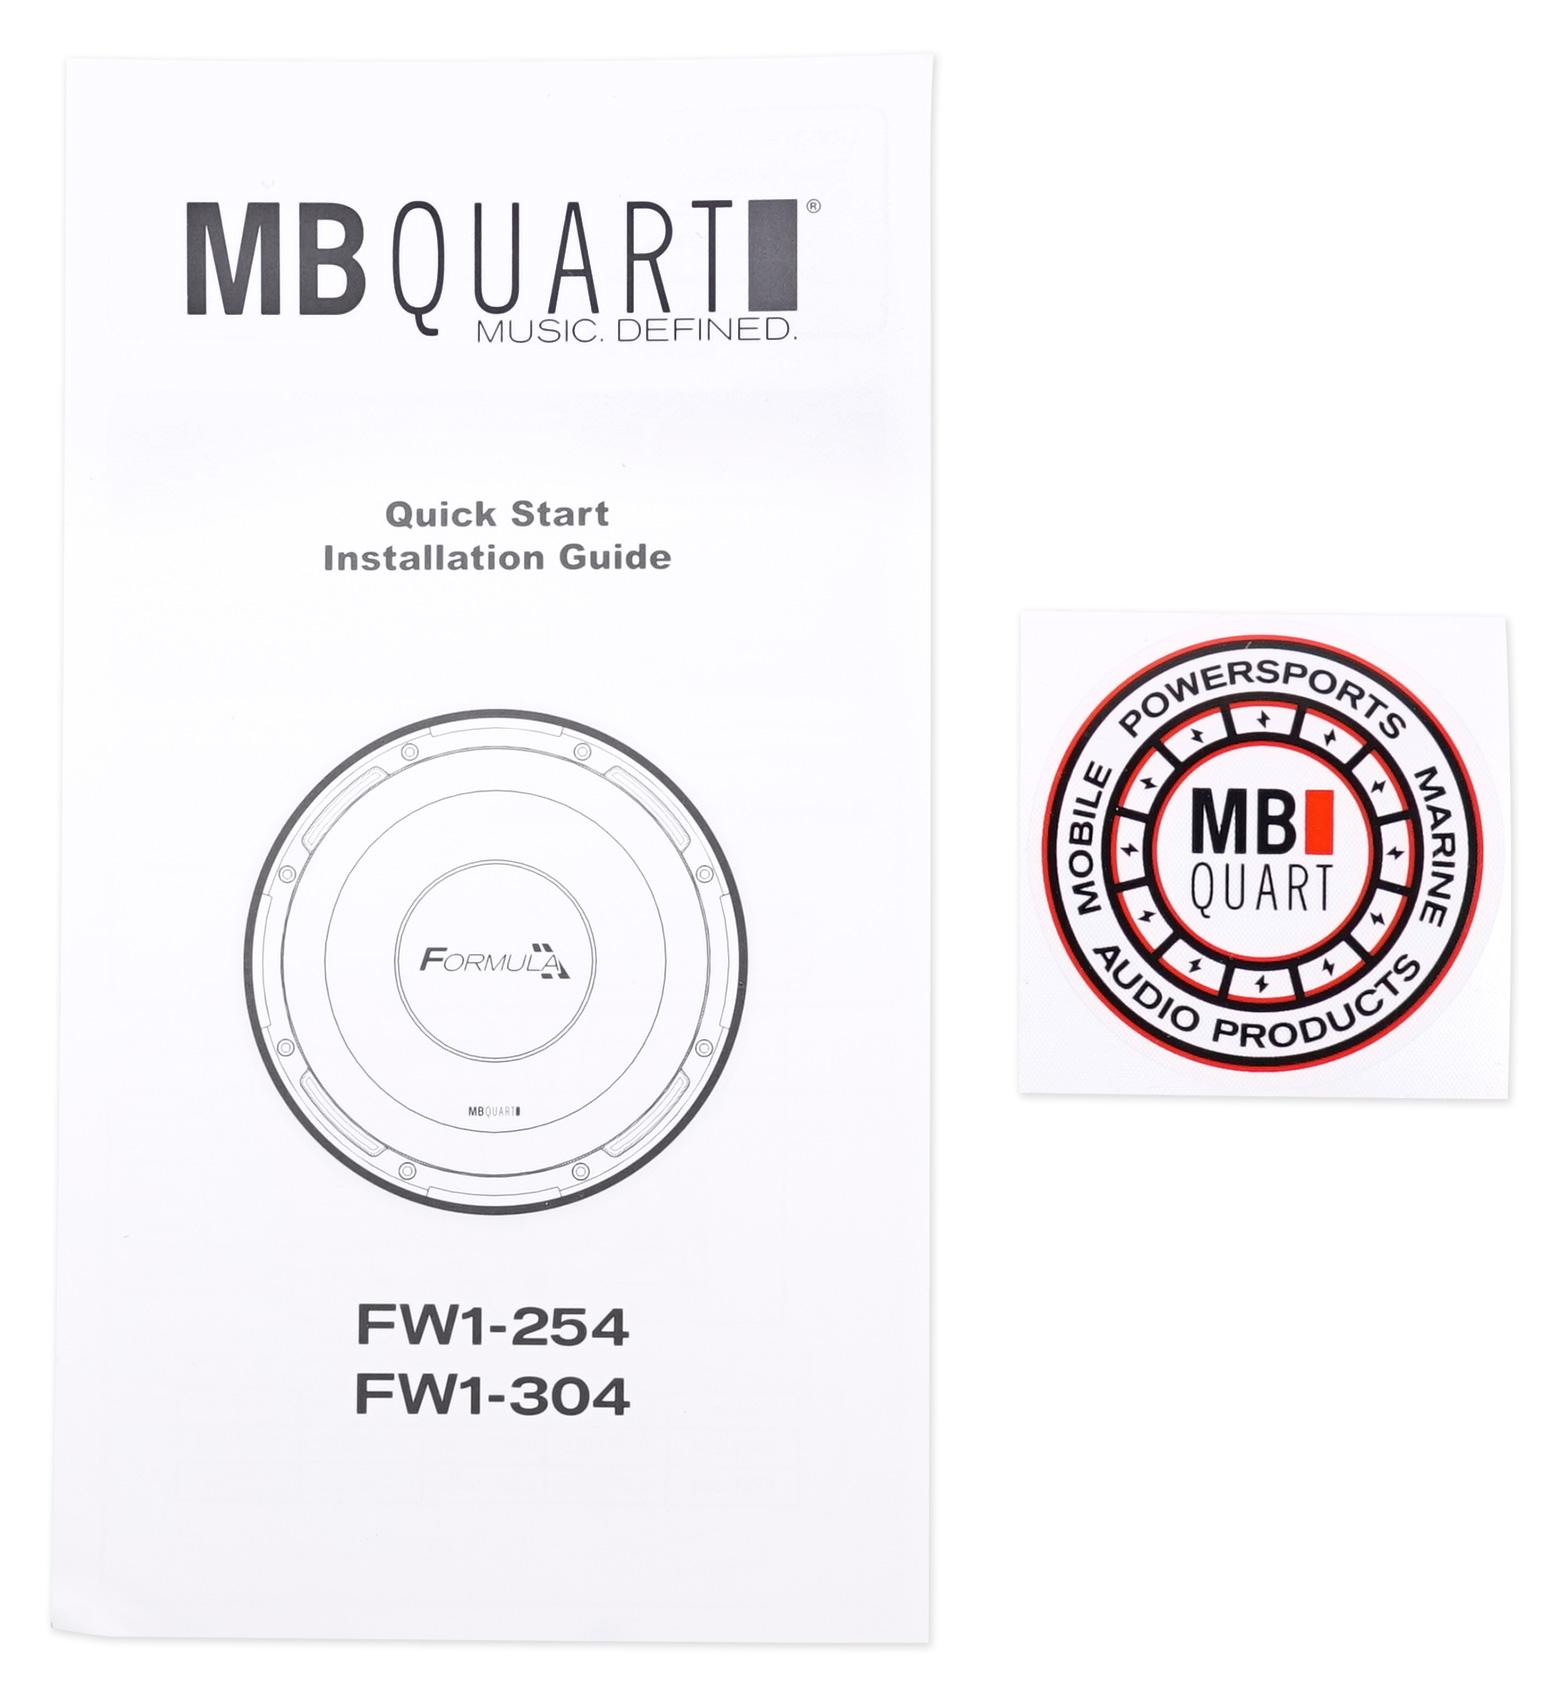 (2) MB QUART FW1-304 12